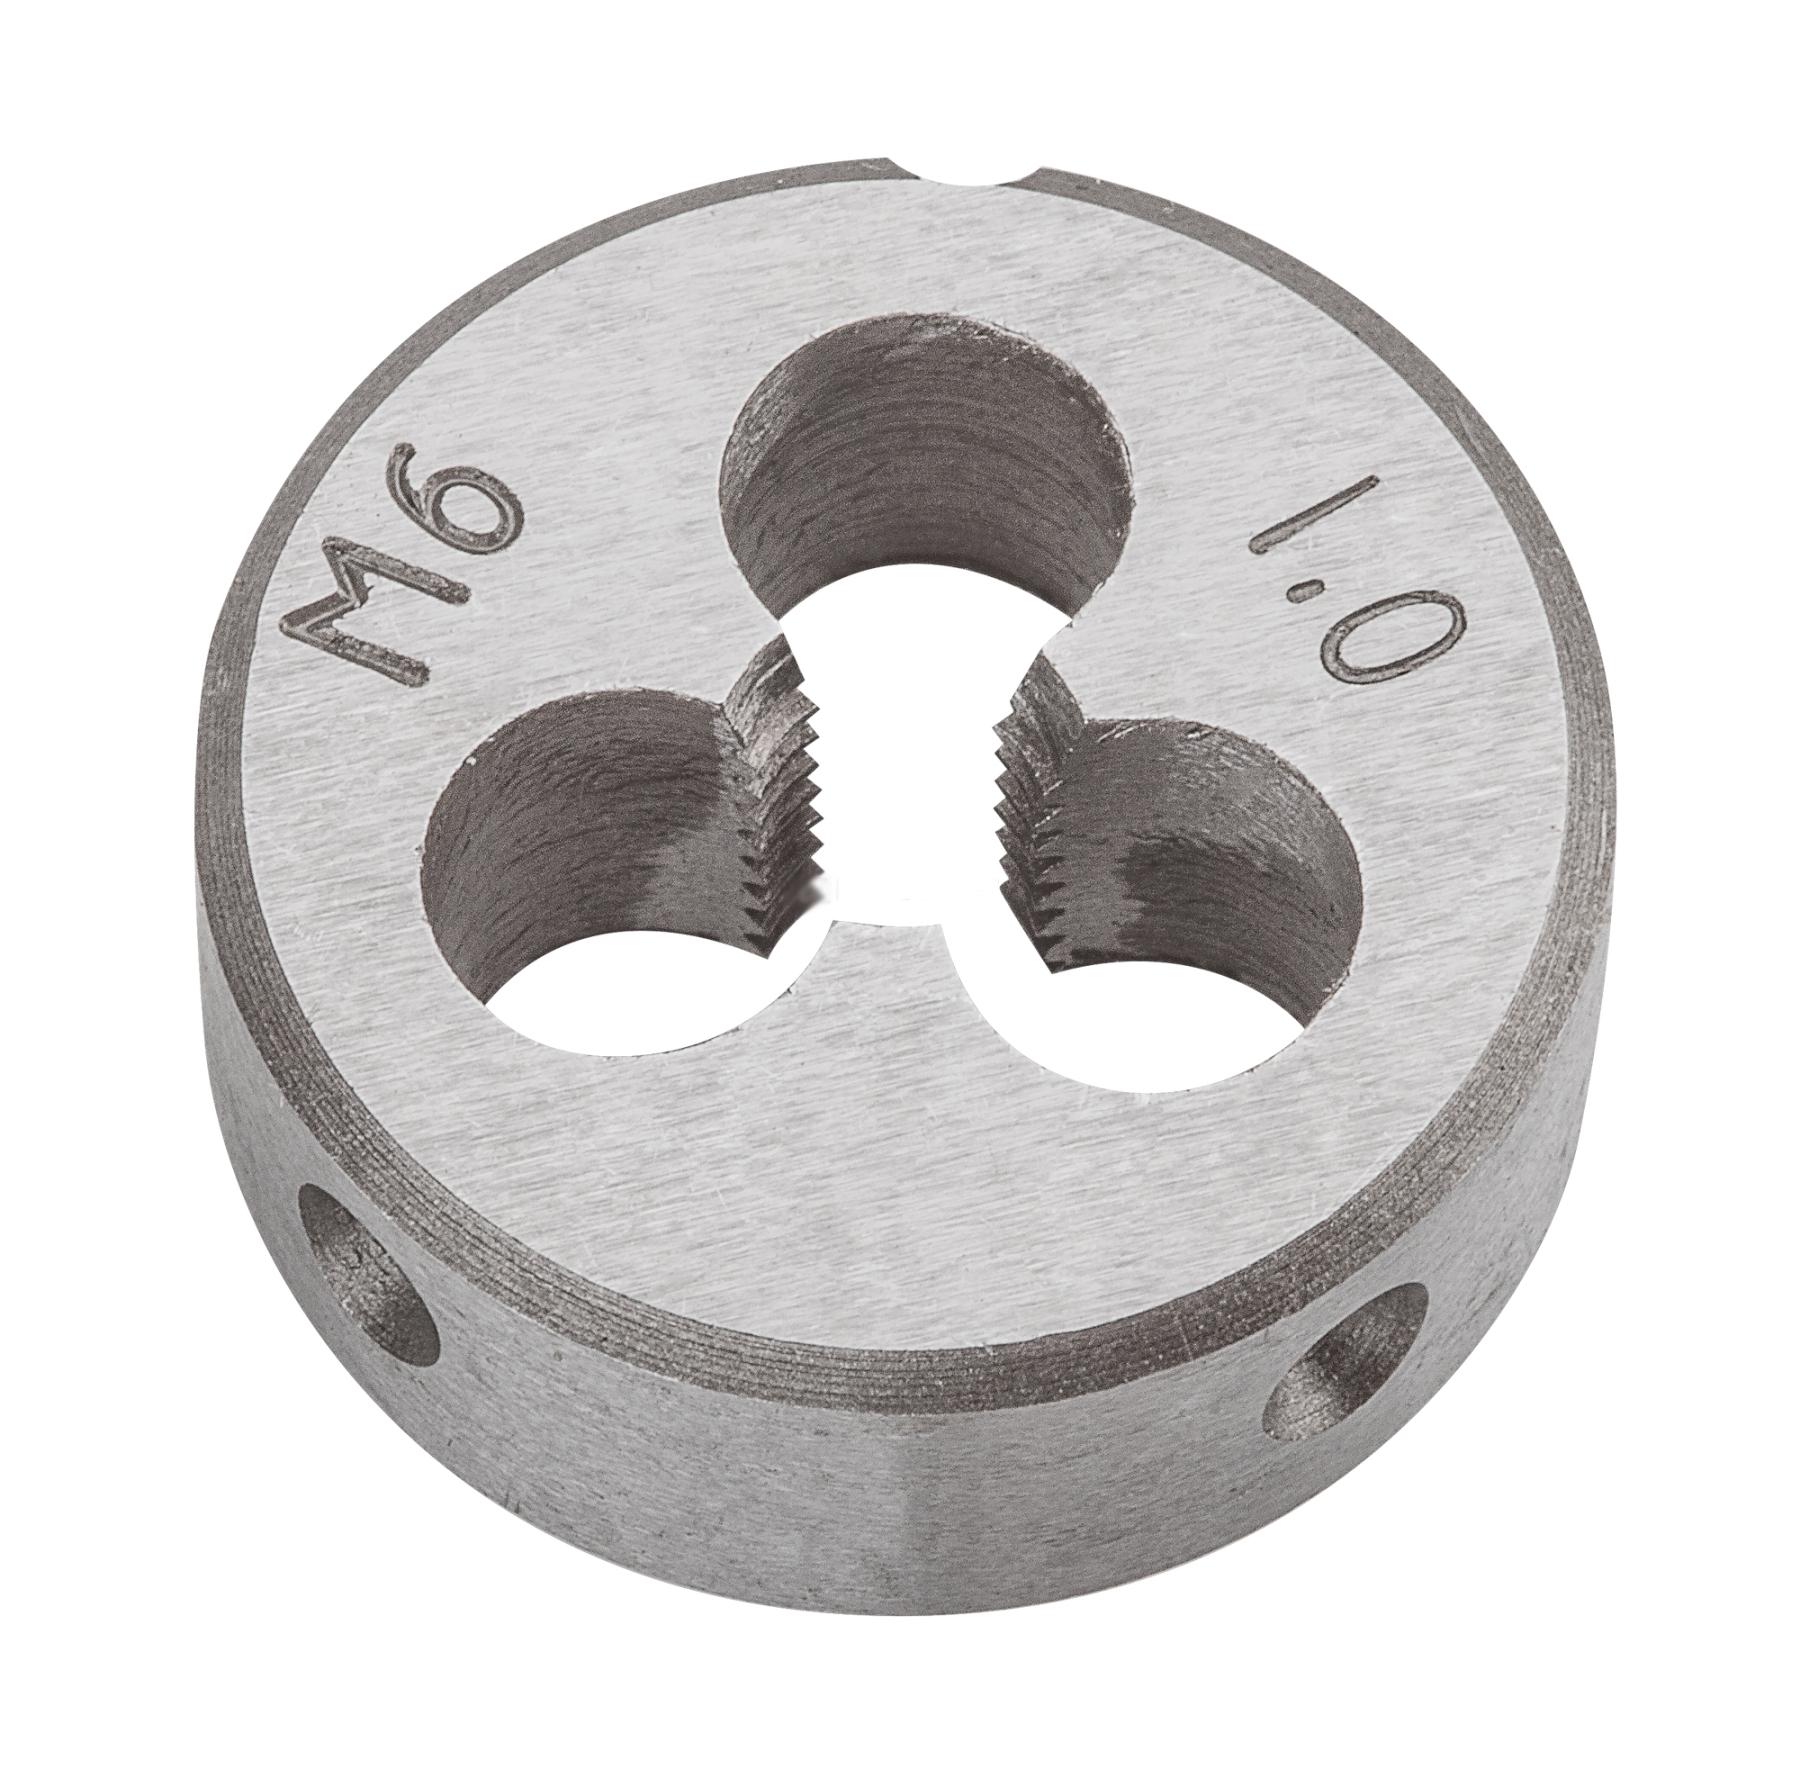 Плашка вольфрамовая Topex, М6, 25 х 9 мм98293777Плашки вольфрамовые Торех используются для нарезания метрической резьбы. Характеристики: Материал: металл. Шаг резьбы: М6. Размеры плашки: 2,5 см х 0,9 см. Размеры упаковки:9 см х 5 см х 1,5 см.